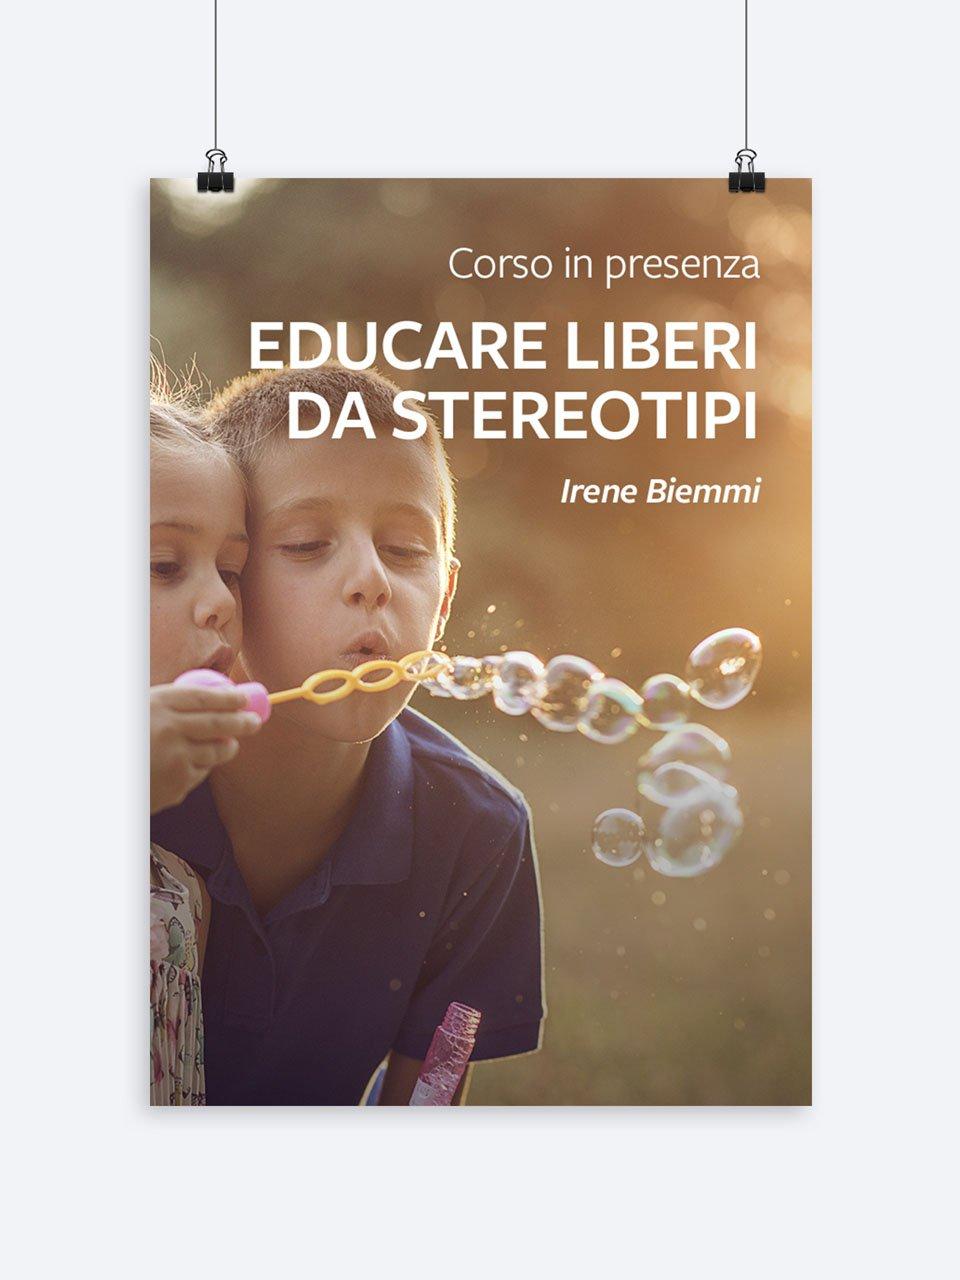 Educare liberi da stereotipi - Formazione per docenti, educatori, assistenti sociali, psicologi - Erickson